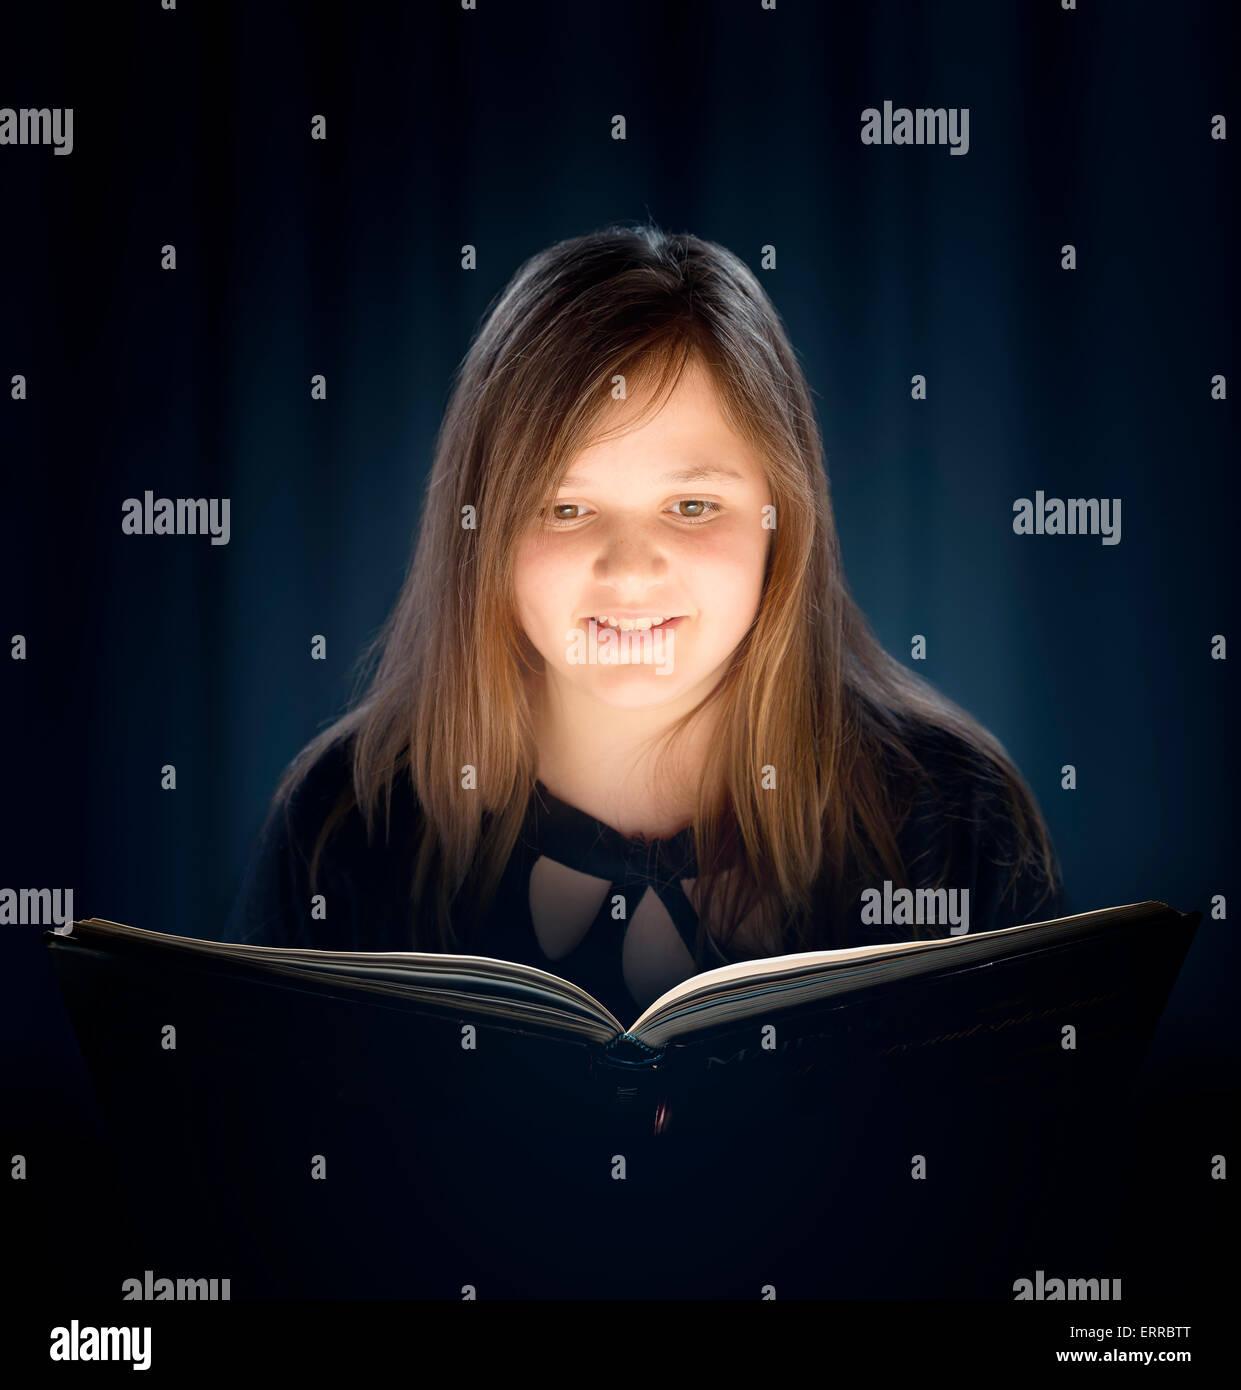 Jeune fille aux cheveux longs de lire un livre avec lumière rougeoyante Photo Stock